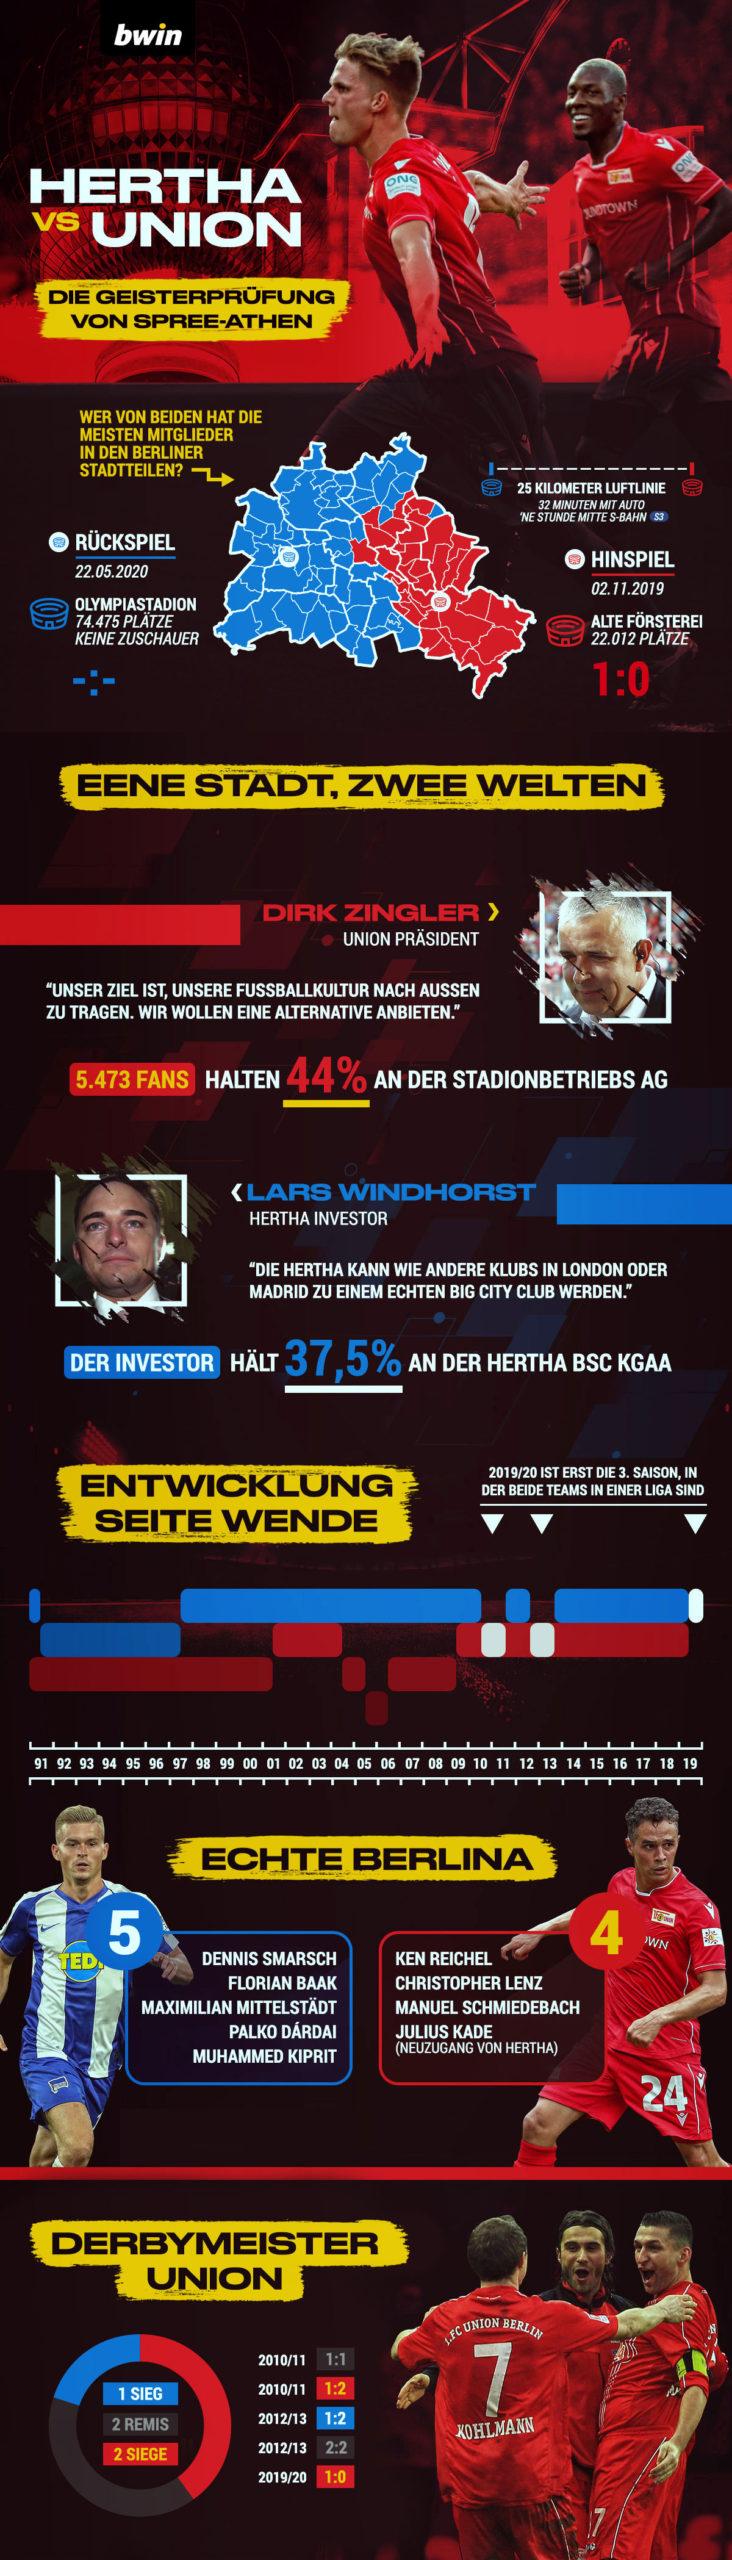 Berlin-Derby Union gegen Hertha